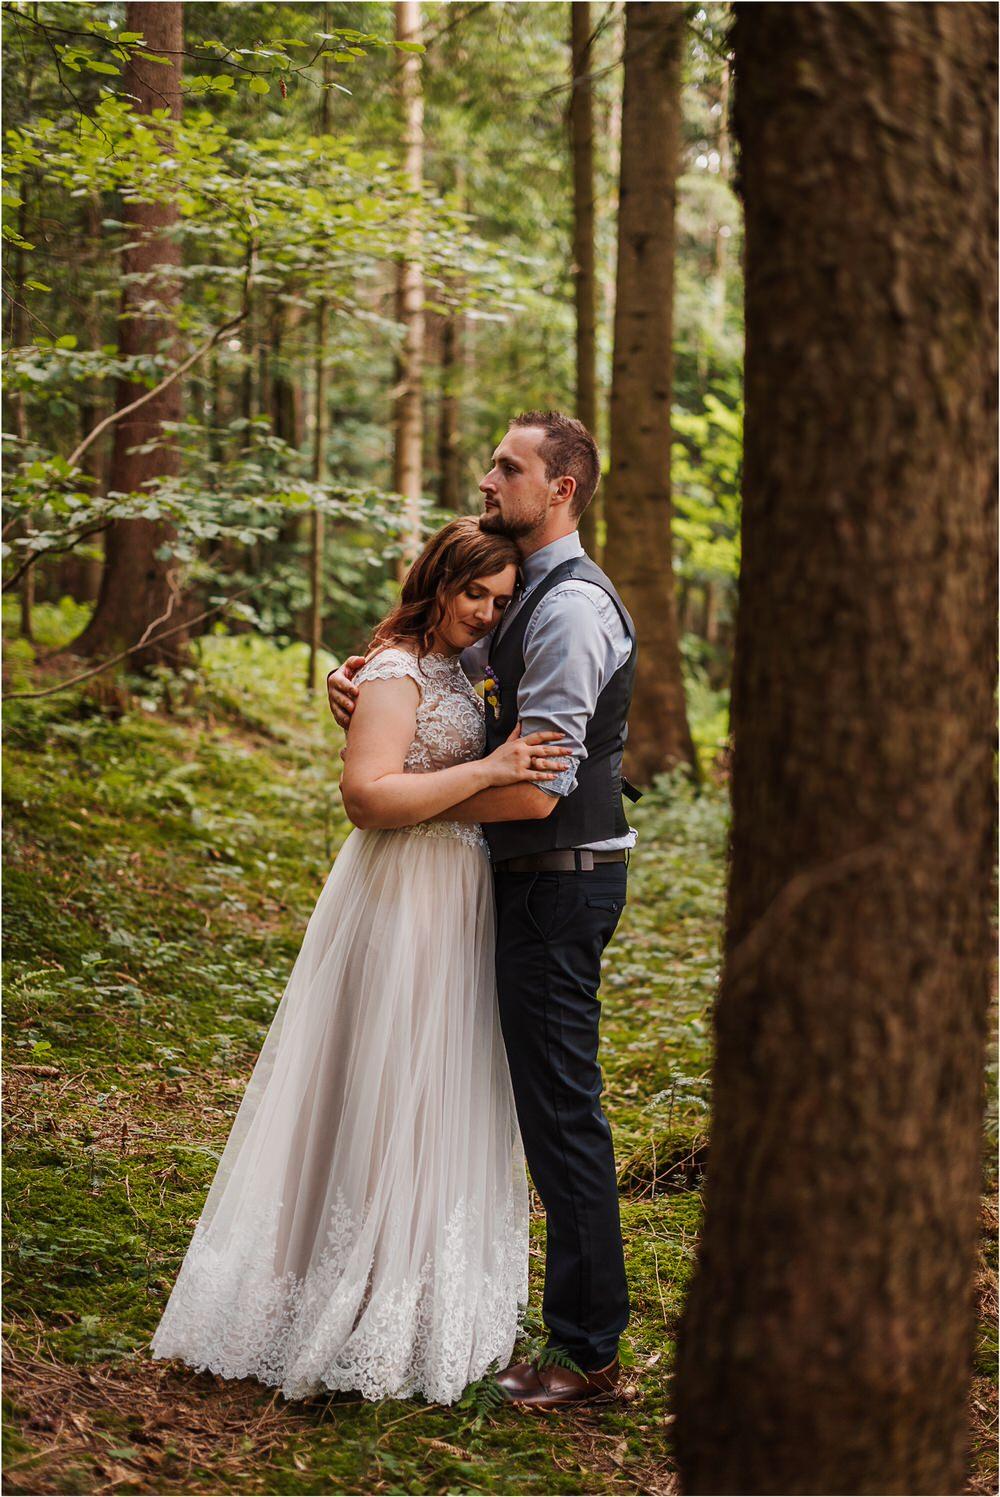 goriska brda poroka fotgorafija fotograf fotografiranje porocno kras primorska obala romanticna boho poroka rustikalna nika grega 0068.jpg